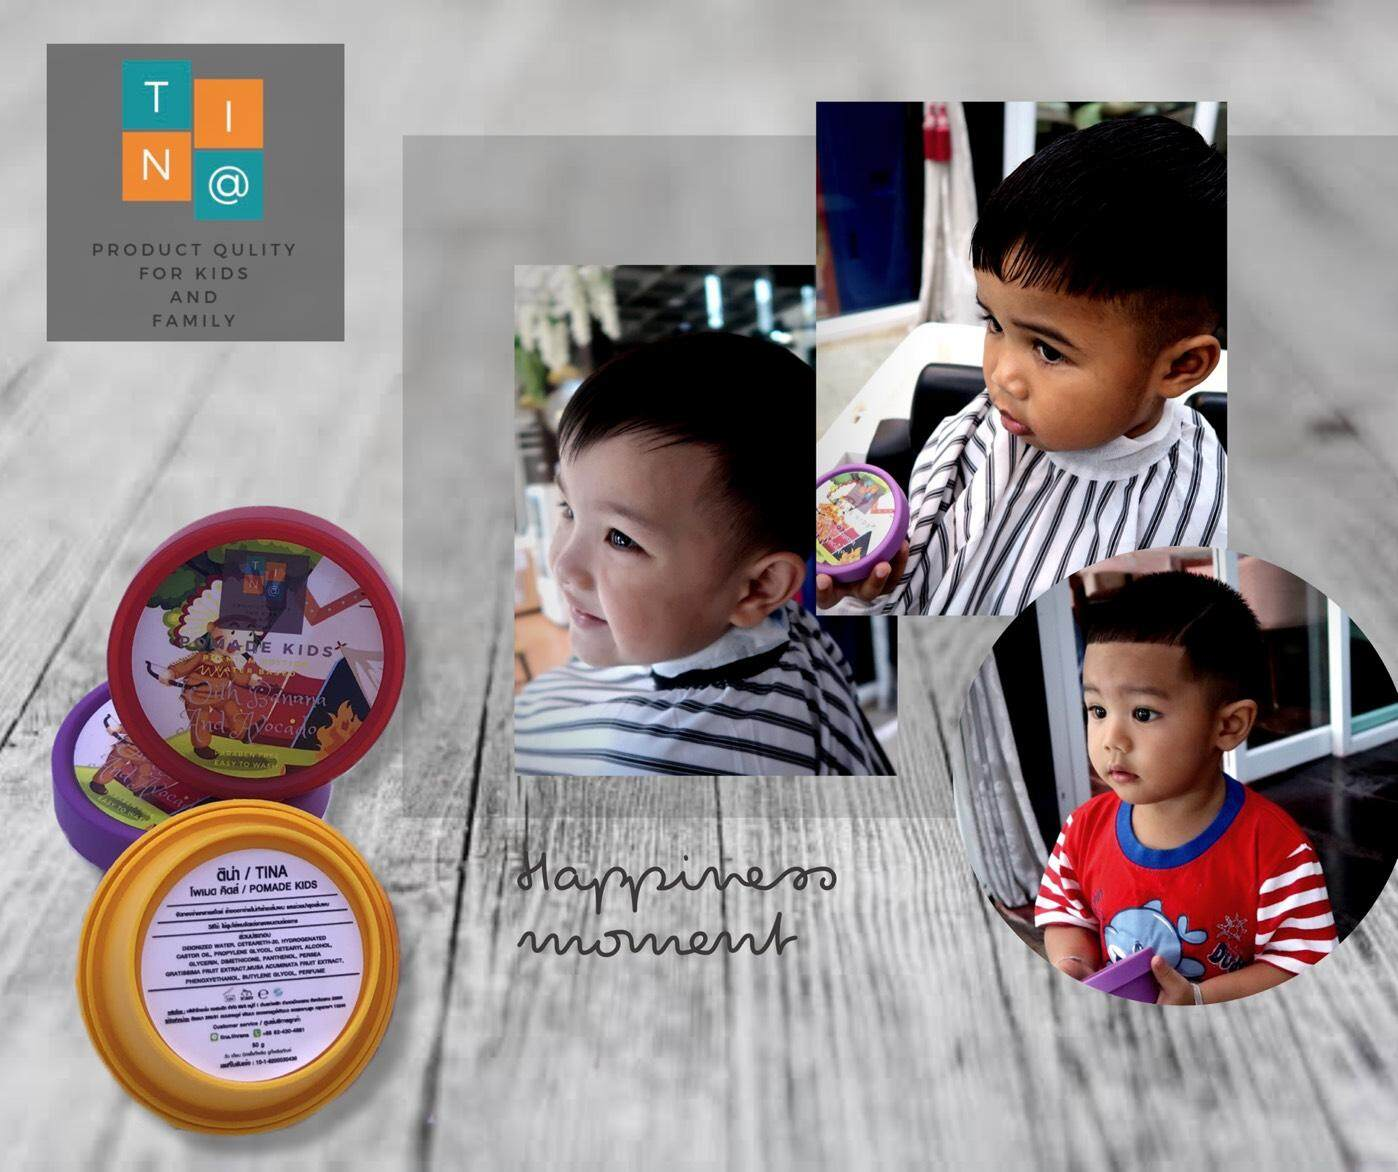 Tin@ Pomade Kids โพเมดคิดส์ โพเมดเด็ก เจลใส่ผมเด็ก เจลใส่ผมเด็กเล็ก จัดแต่งทรงผมสำหรับเด็ก.